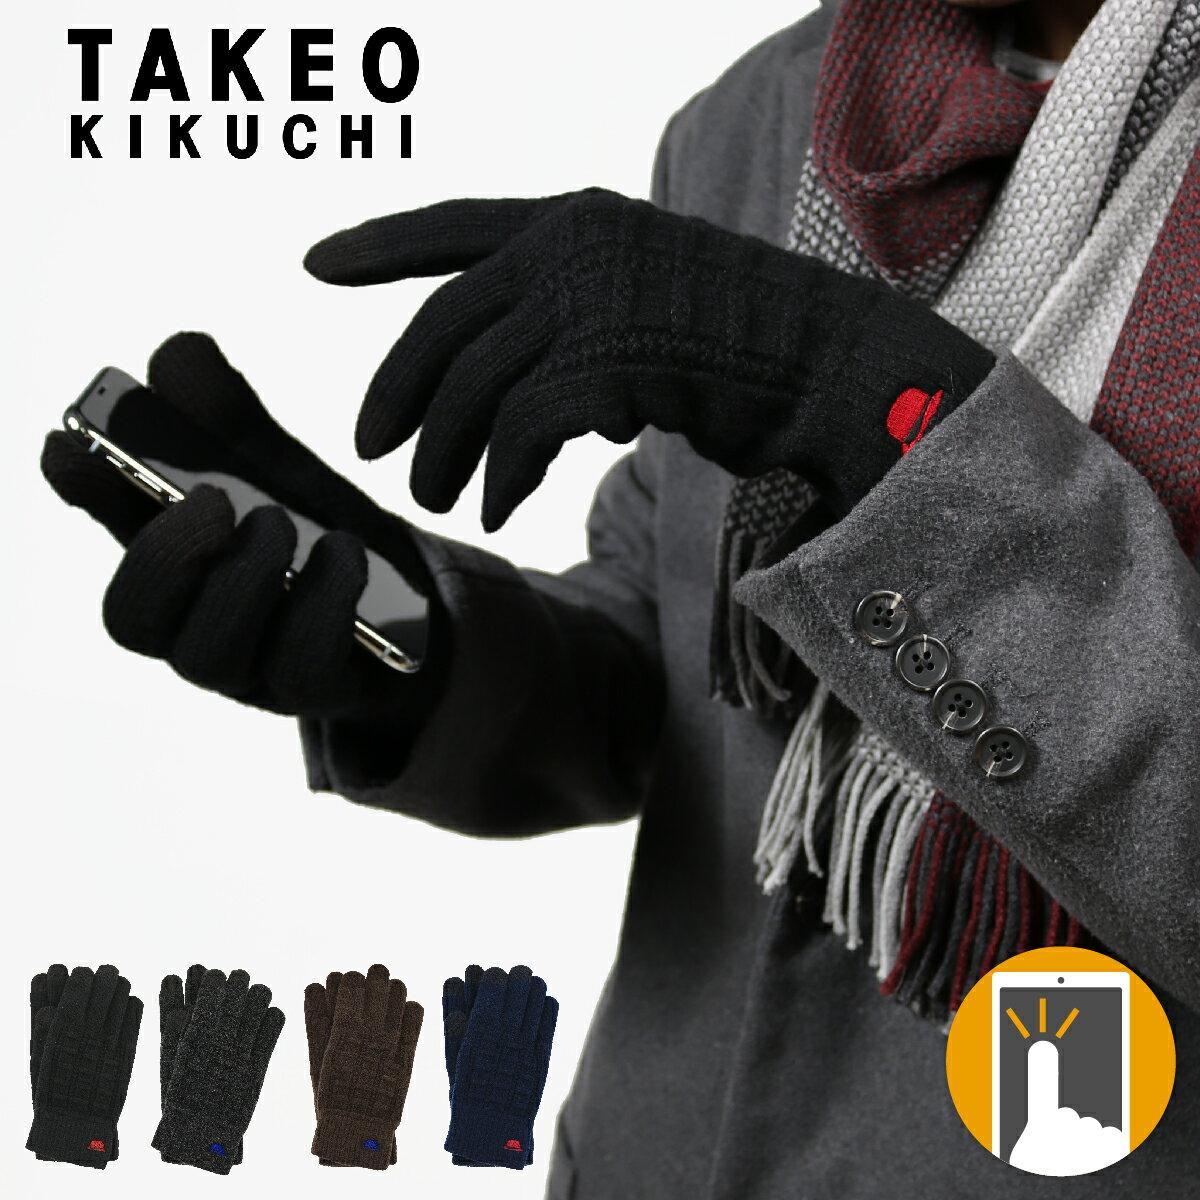 タケオキクチ 手袋 メンズ tkg-4018 TAKEO KIKUCHI | 日本製 スマートフォン対応 秋冬 防寒 [初売り][即日発送][PO5]